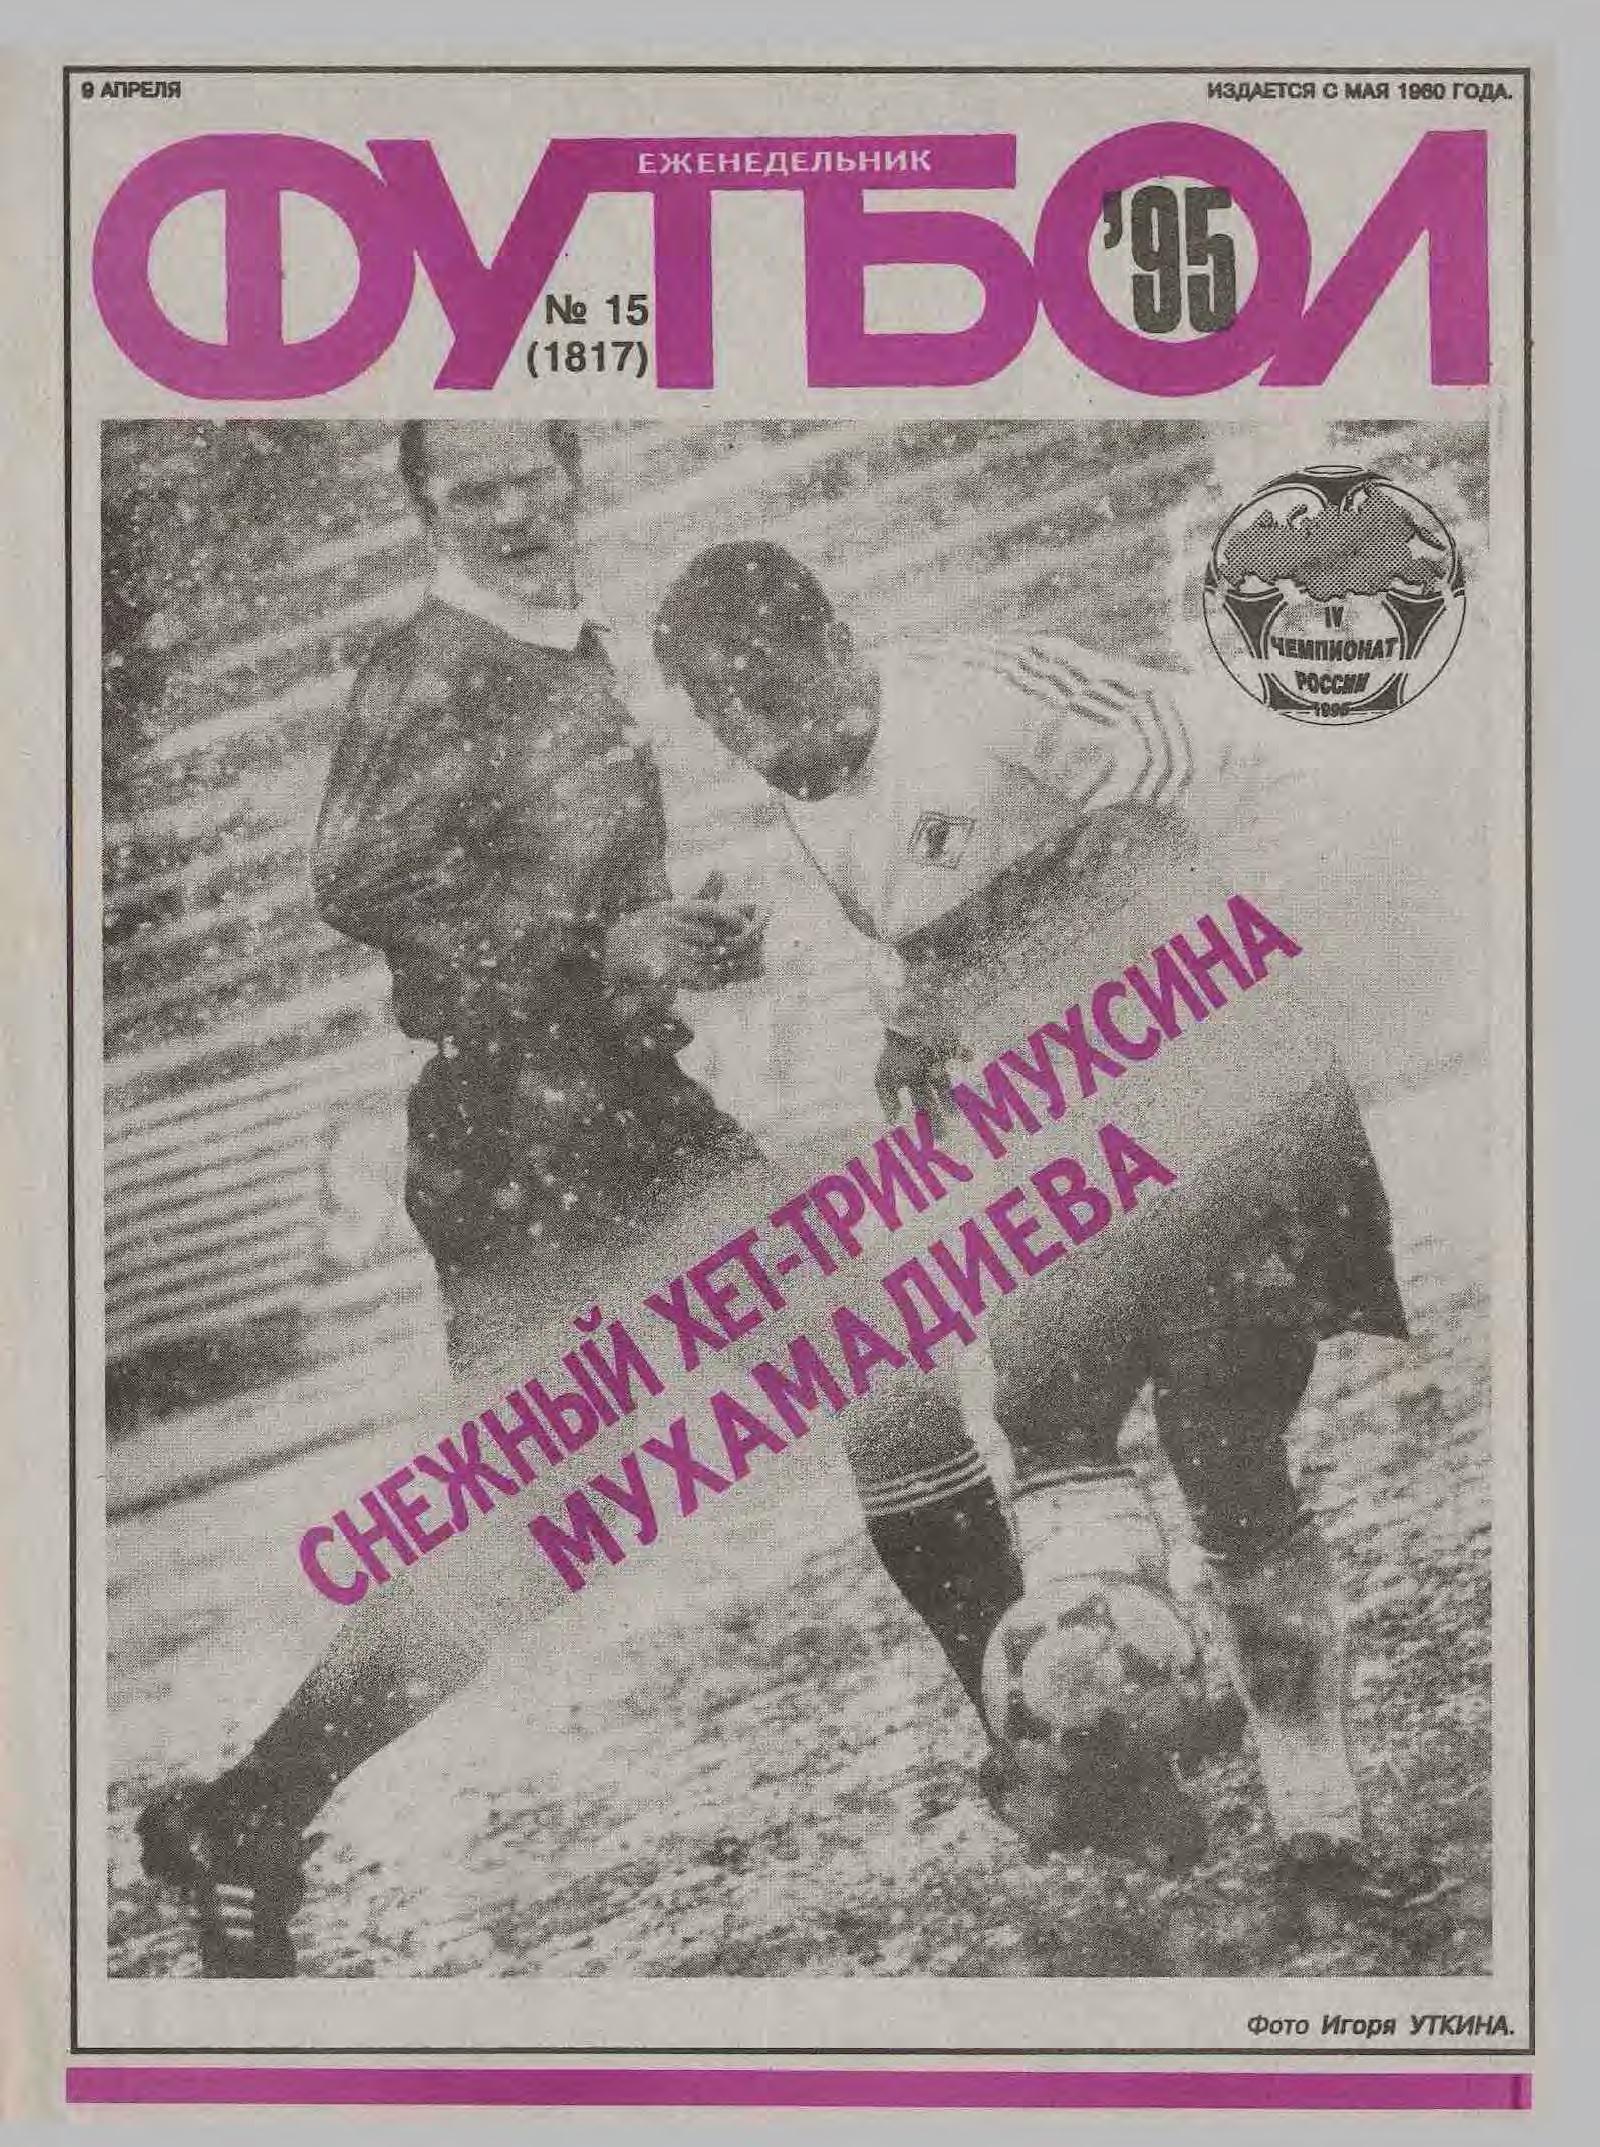 «Алания» – чемпион, шесть побед «Спартака» в ЛЧ, Цымбаларь – лучший. 1995 год в обложках еженедельника «Футбол»